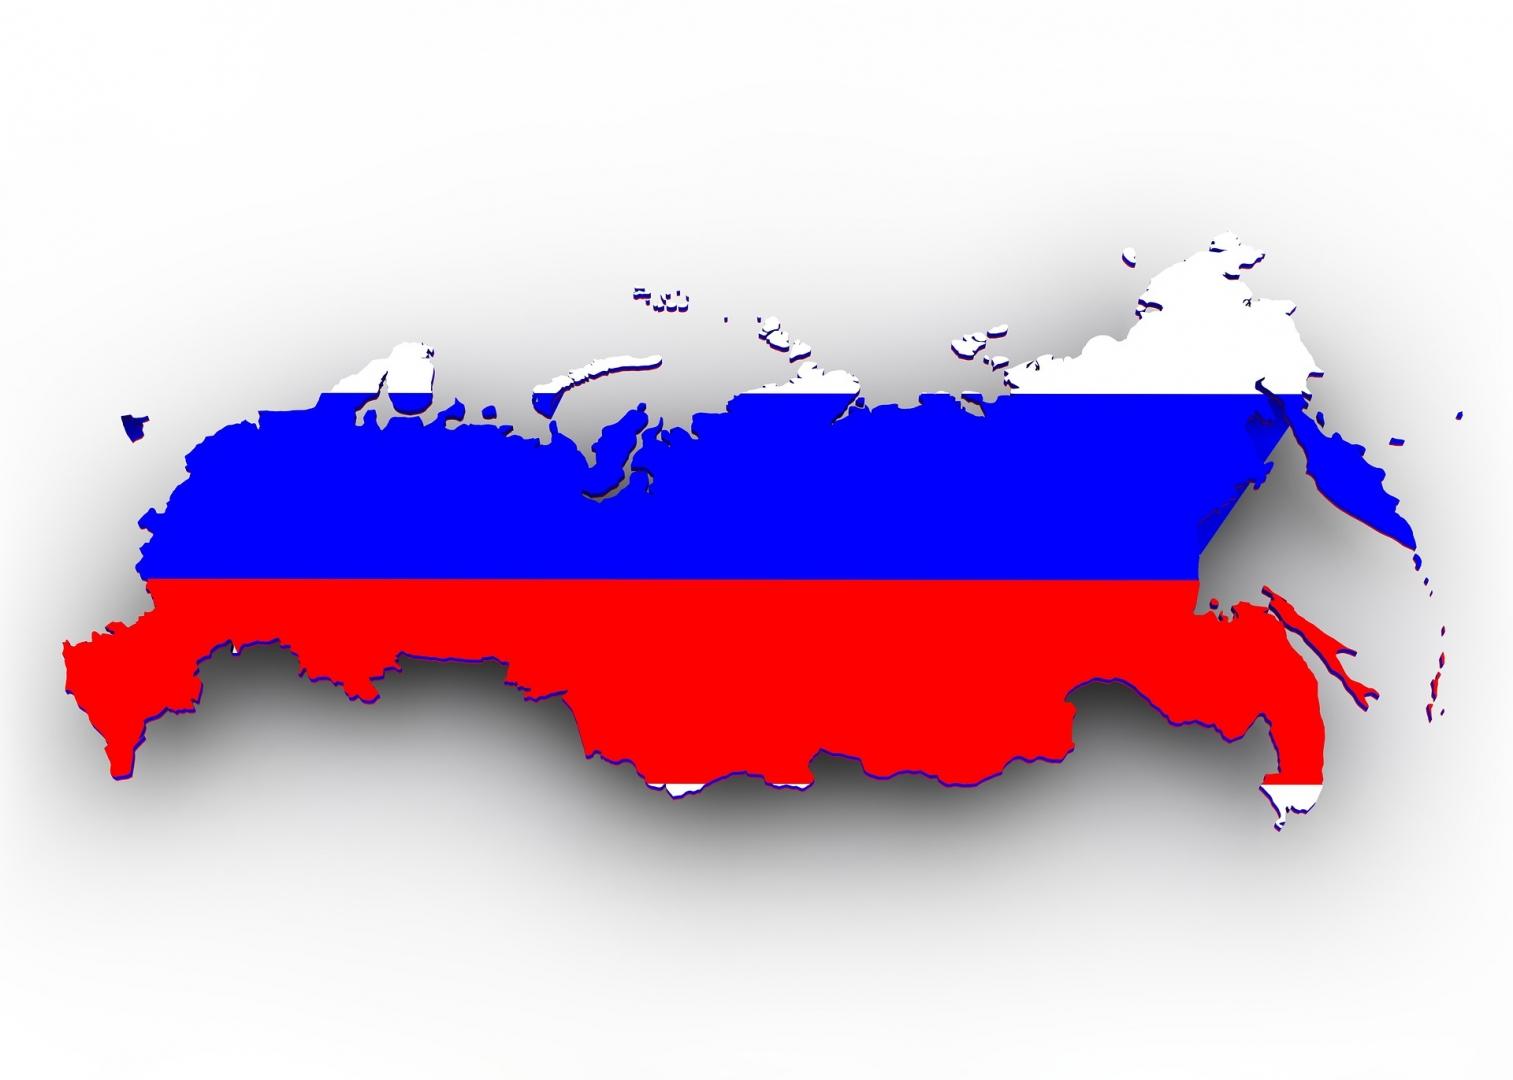 выбрали для территория россии картинки для презентации очков мишка